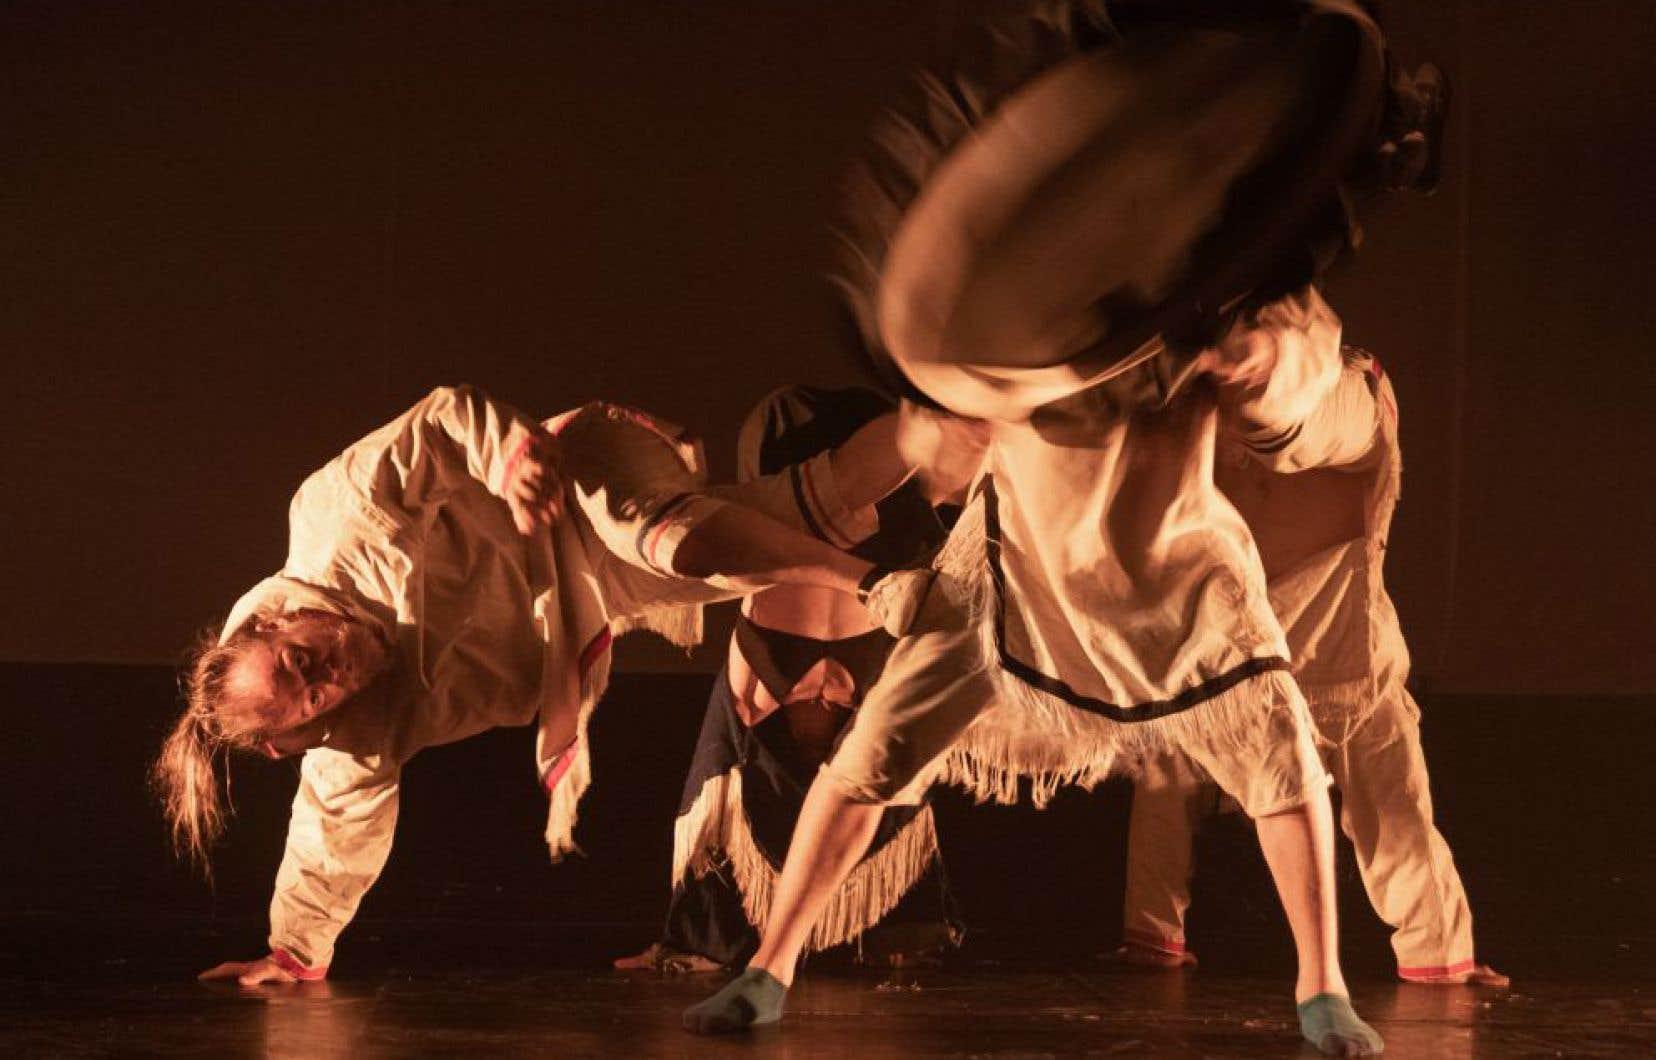 Mené par Les 7 Doigts de Montréal, Artcirq d'Igloolik et Taqqut Productions d'Iqaluit, «Unikkaaqtuat» est une production multidisciplinaire majeure qui combine les arts du cirque, la musique, le théâtre et les projections vidéo.